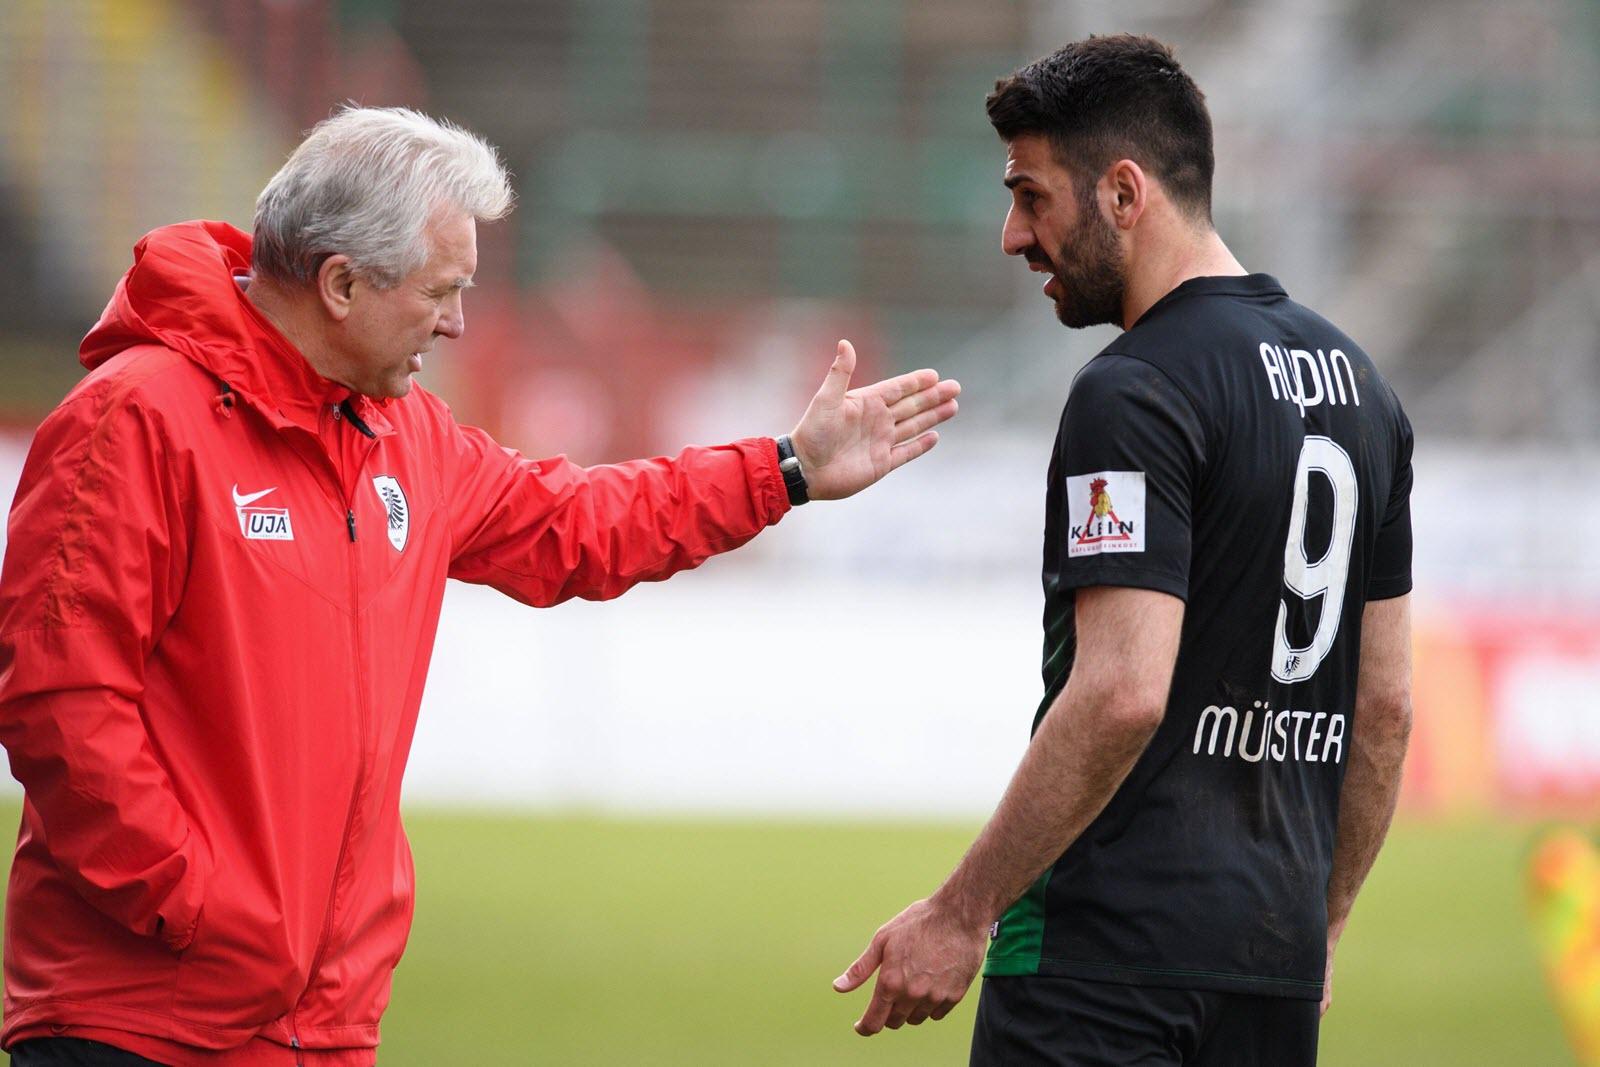 Mirkan Aydin im Gespräch mit Benno Möhlmann